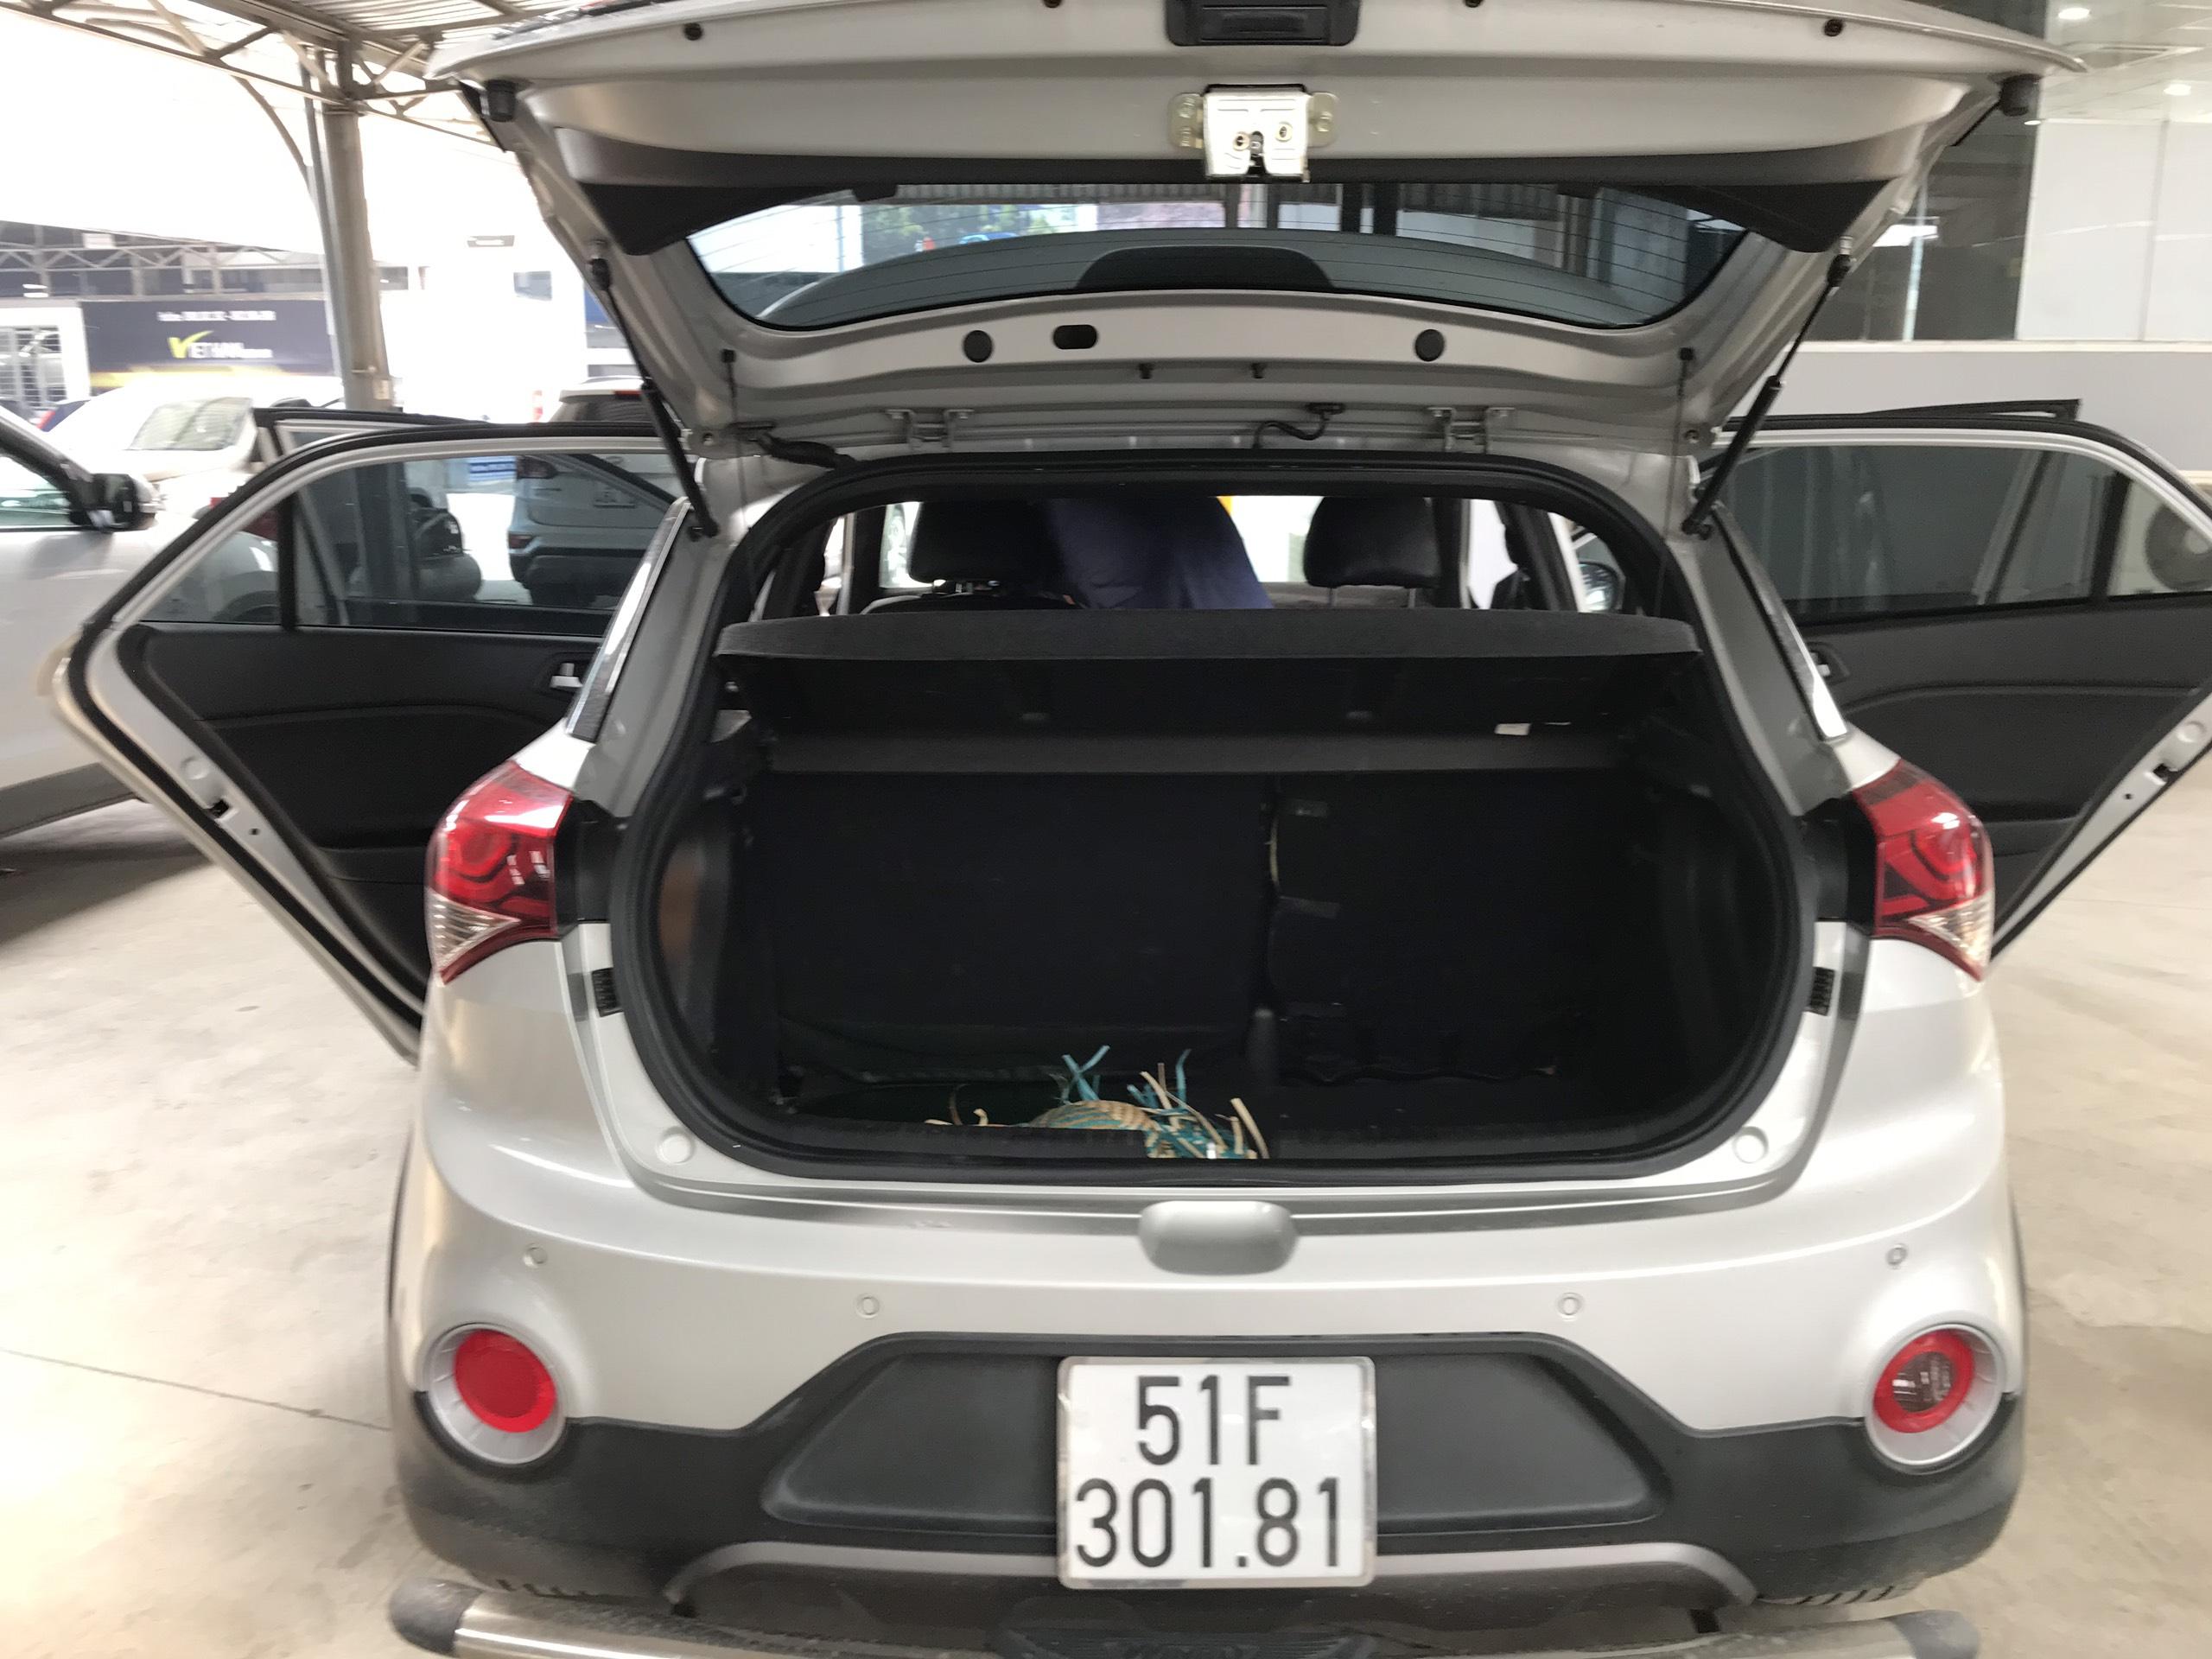 Bán Hyundai I20 Active 1.4AT màu bạc số tự động nhập Ấn Độ 2015 biển Sài Gòn 1 chủ đi 41000km